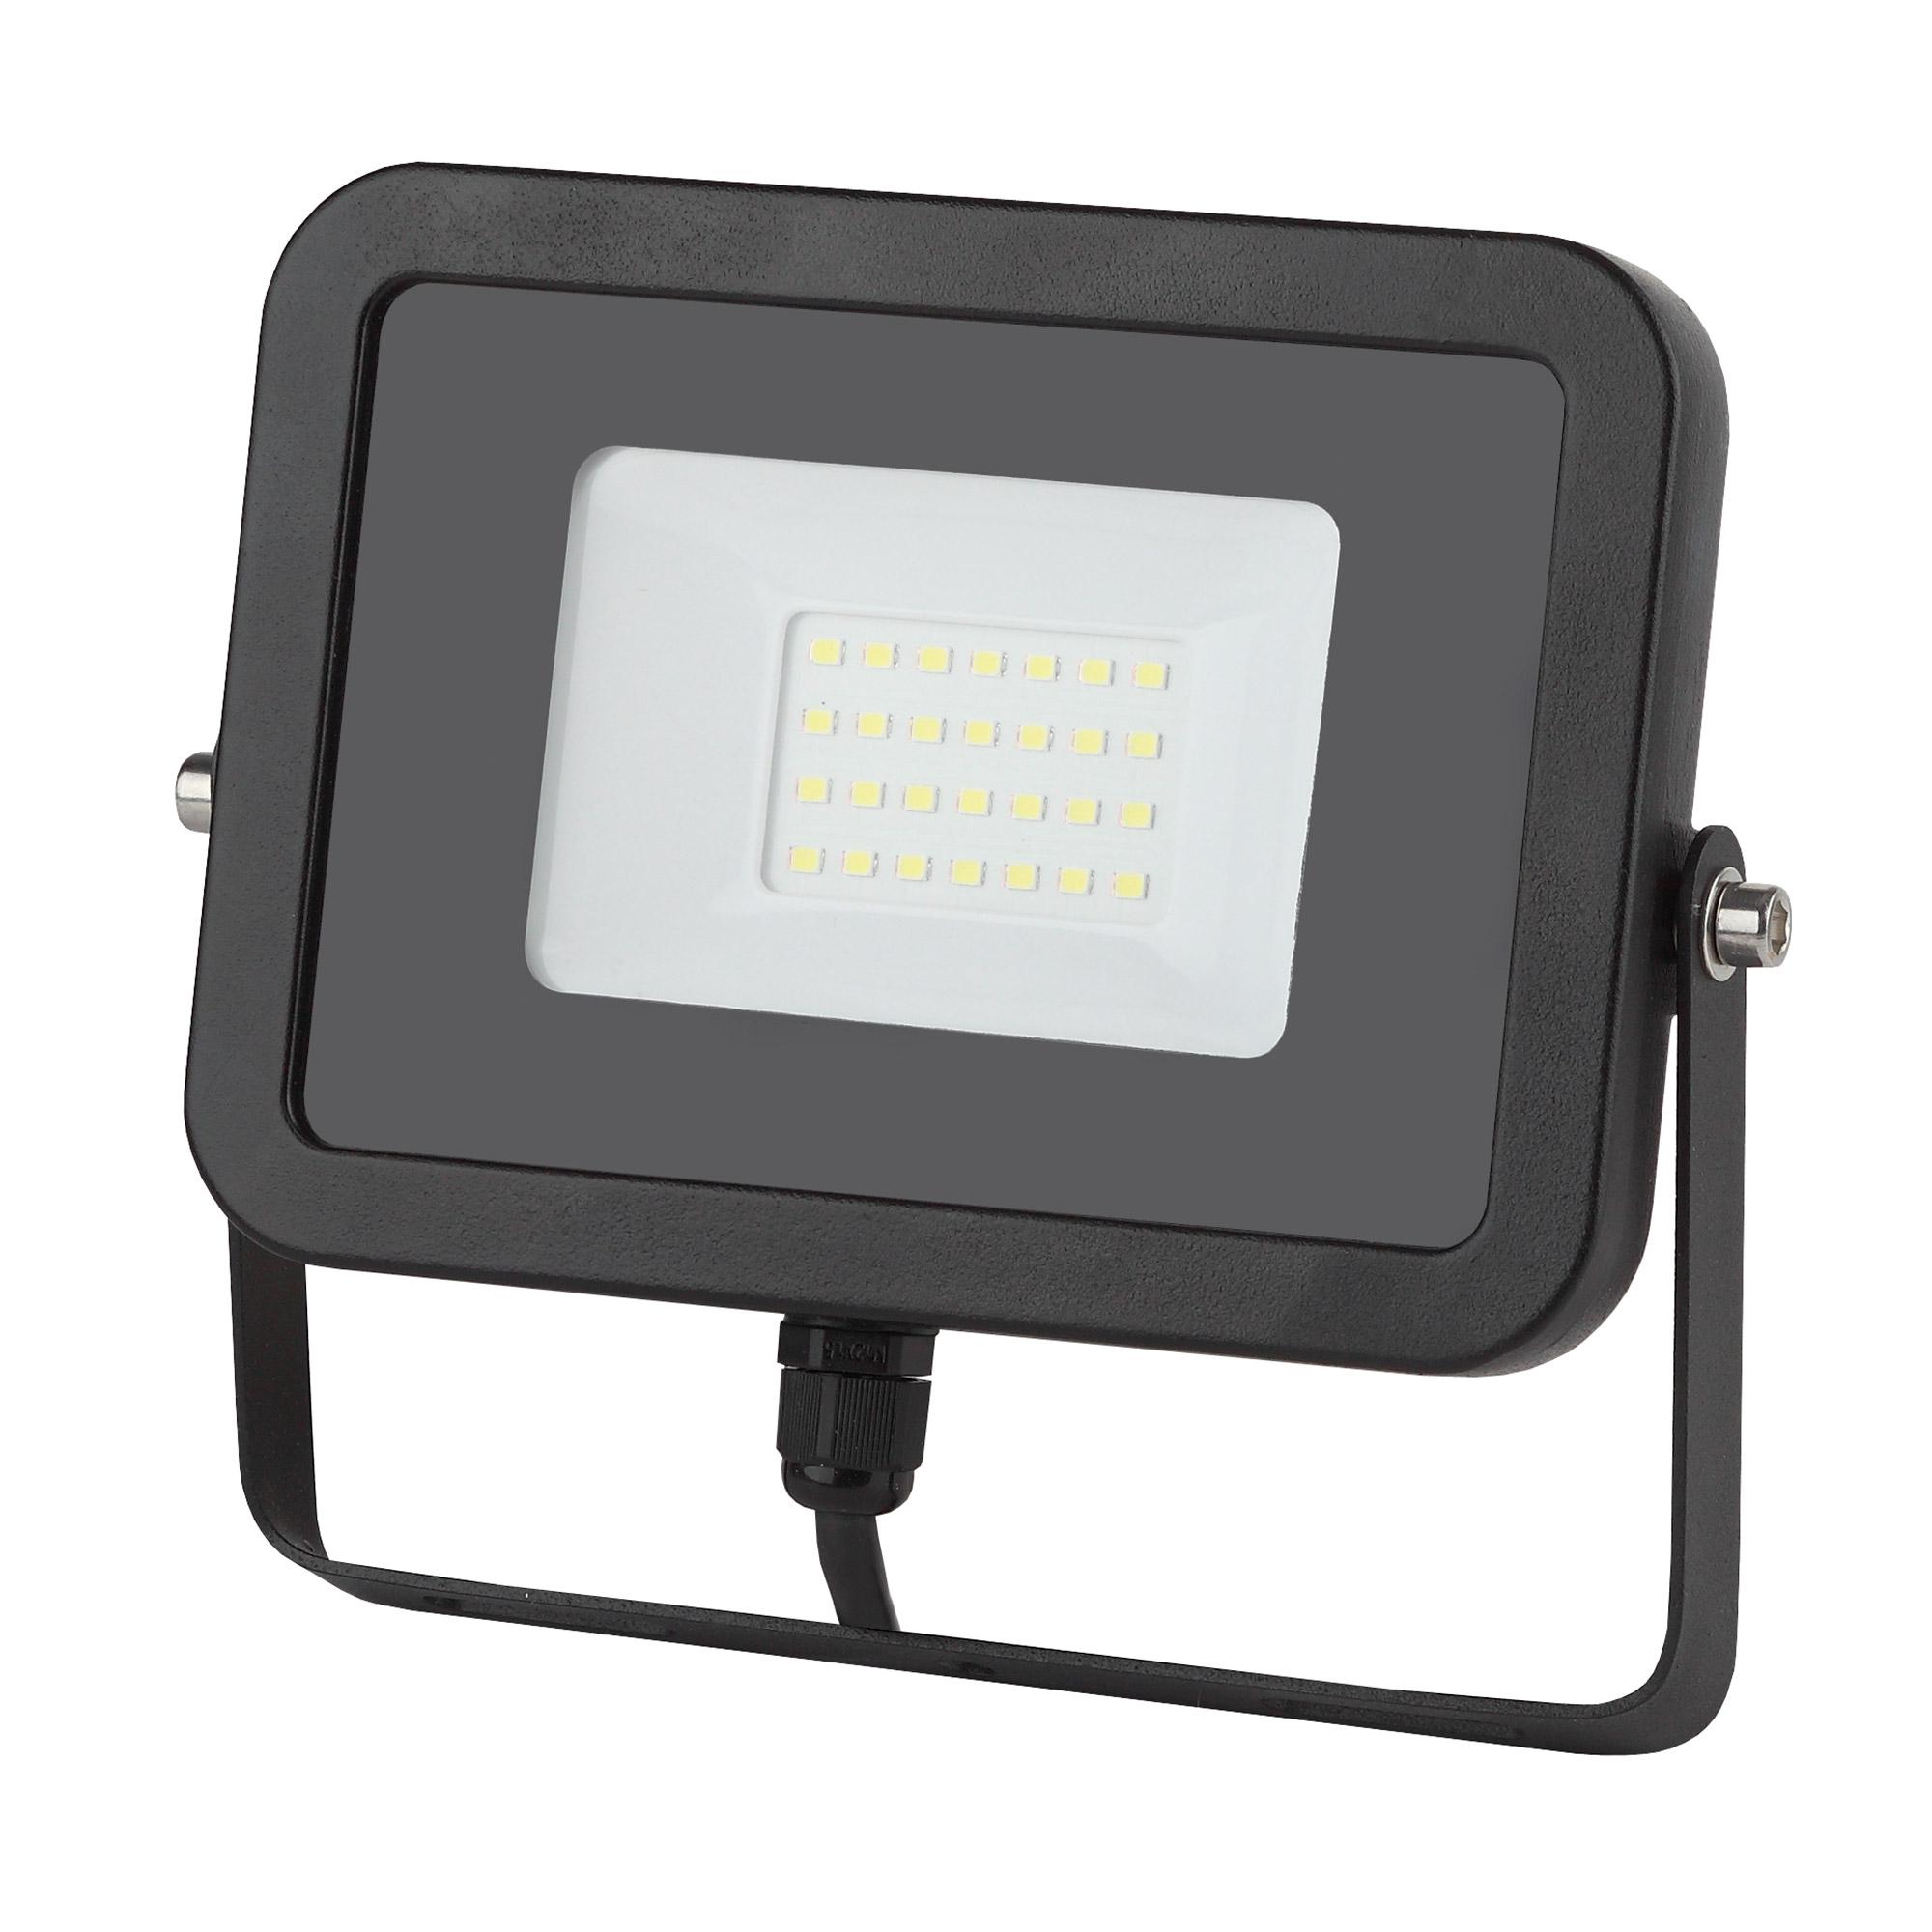 Фото - Прожектор ЭРА LPR-30-4000К SMD Eco Slim 30Вт 2700Лм 4000K 150х110 светодиодный прожектор эра lpr 30 6500k m smd б0017301